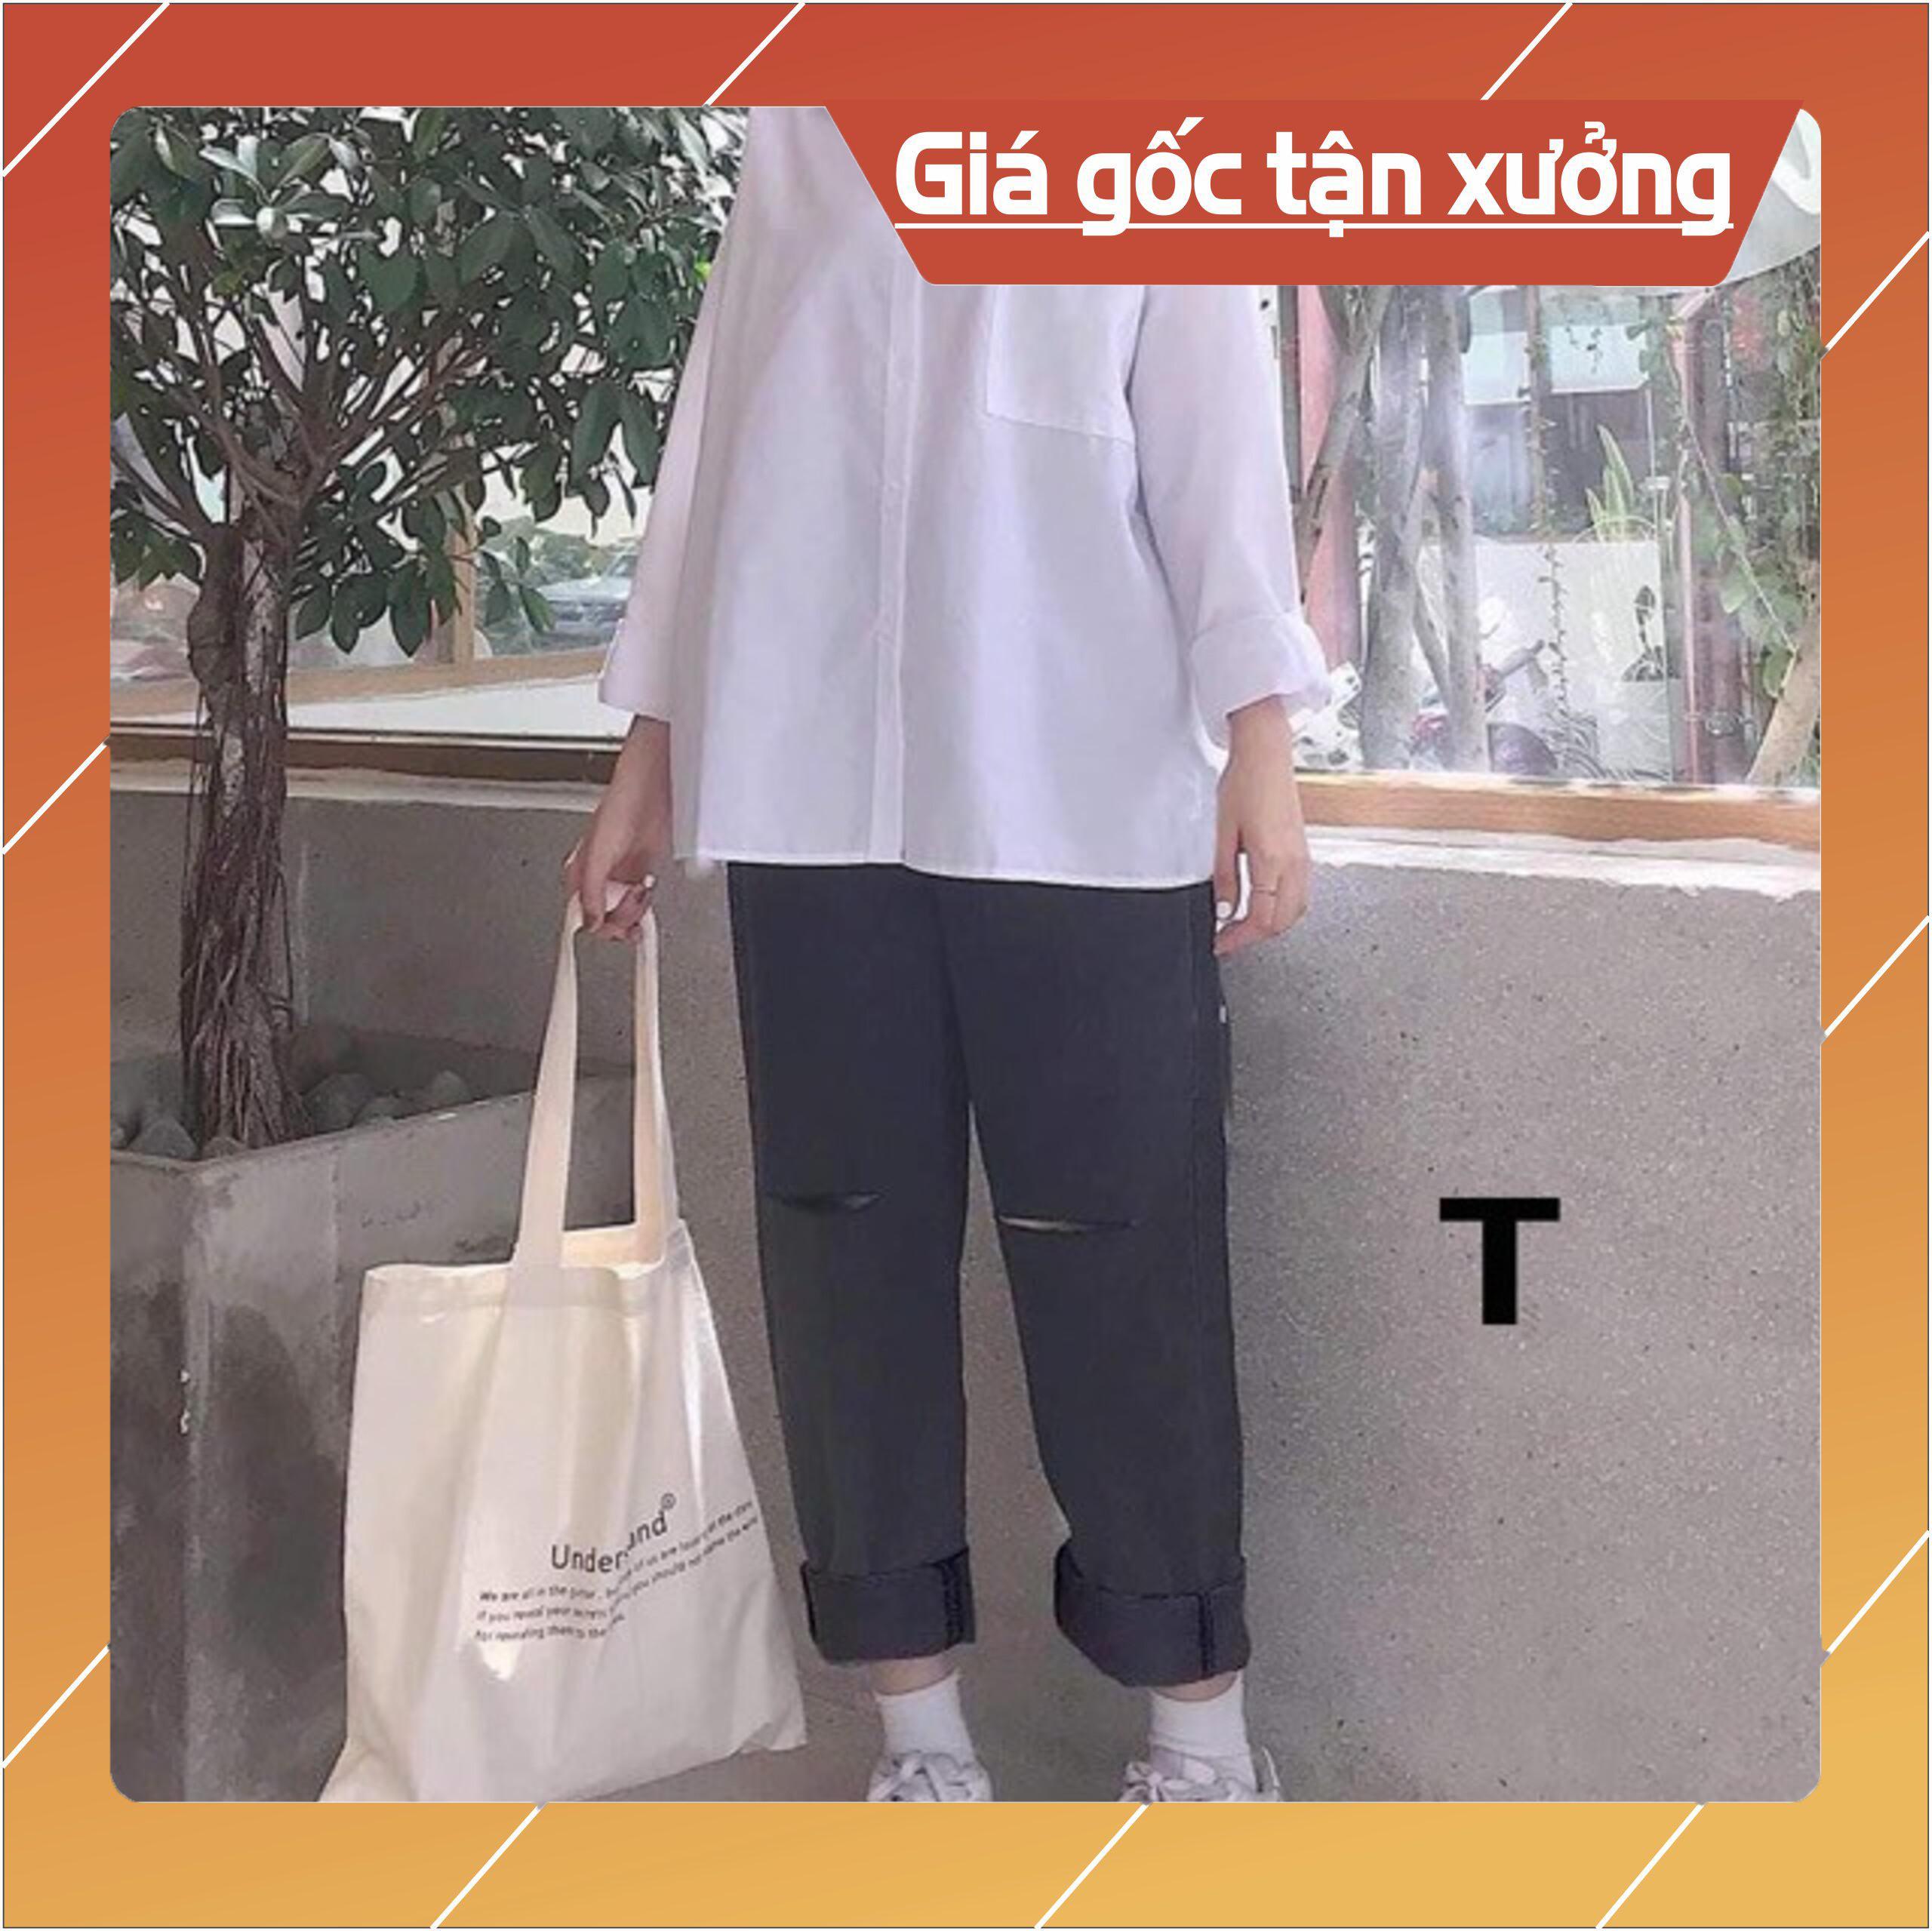 Sét quần jeans rách ống rộng kèm áo sơ mi trắng DTR0320